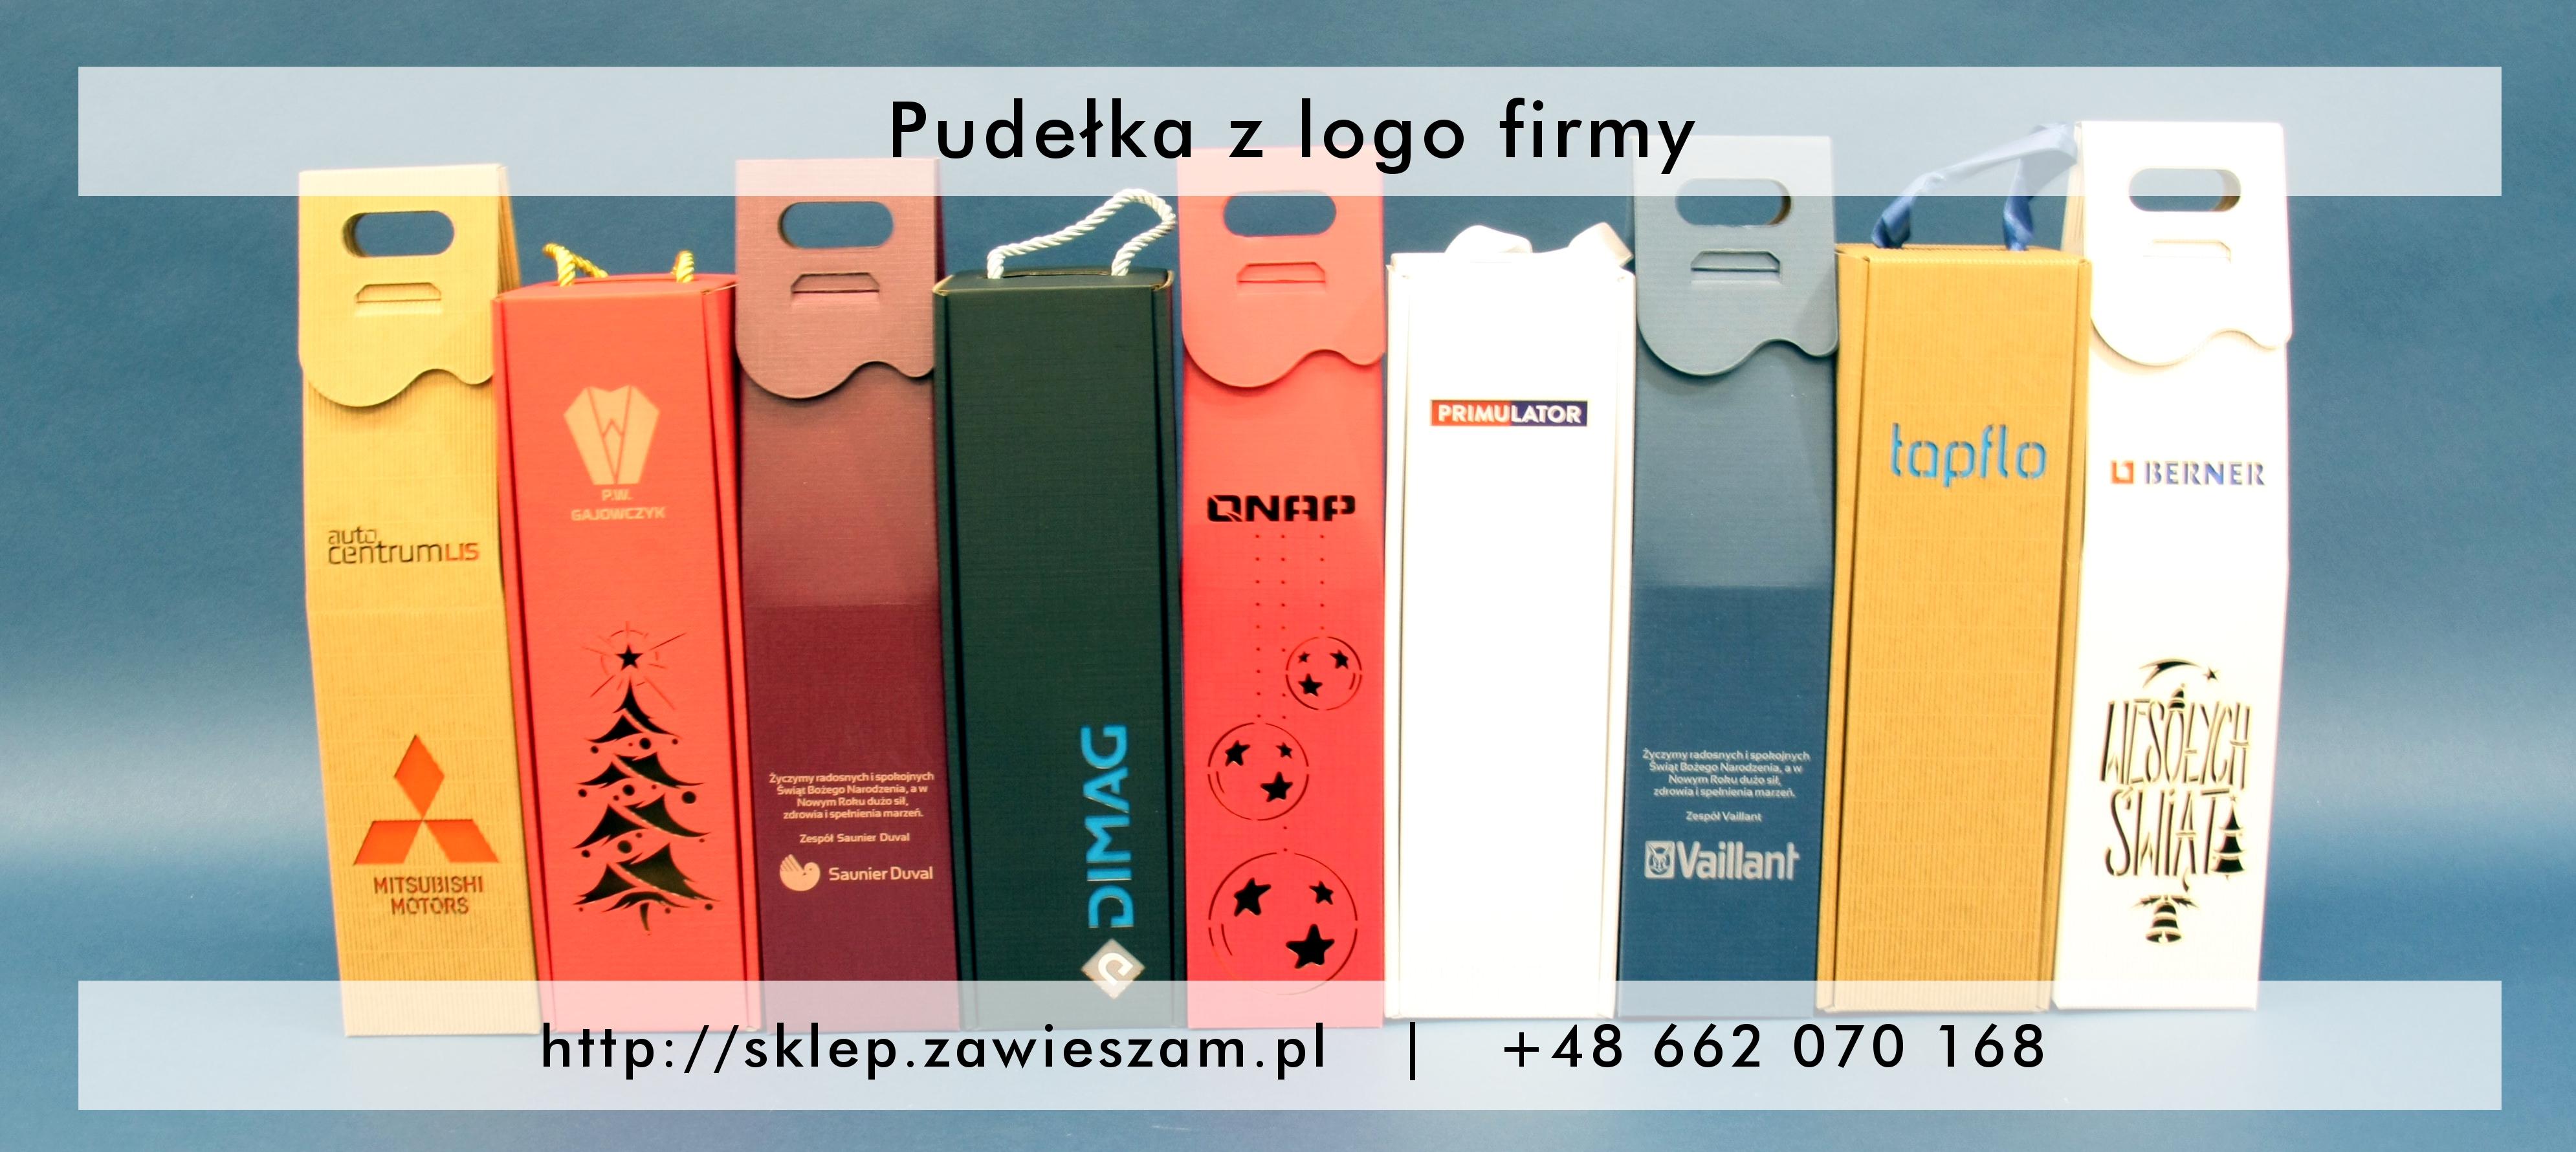 Pudełka ozdobne z logo firmy